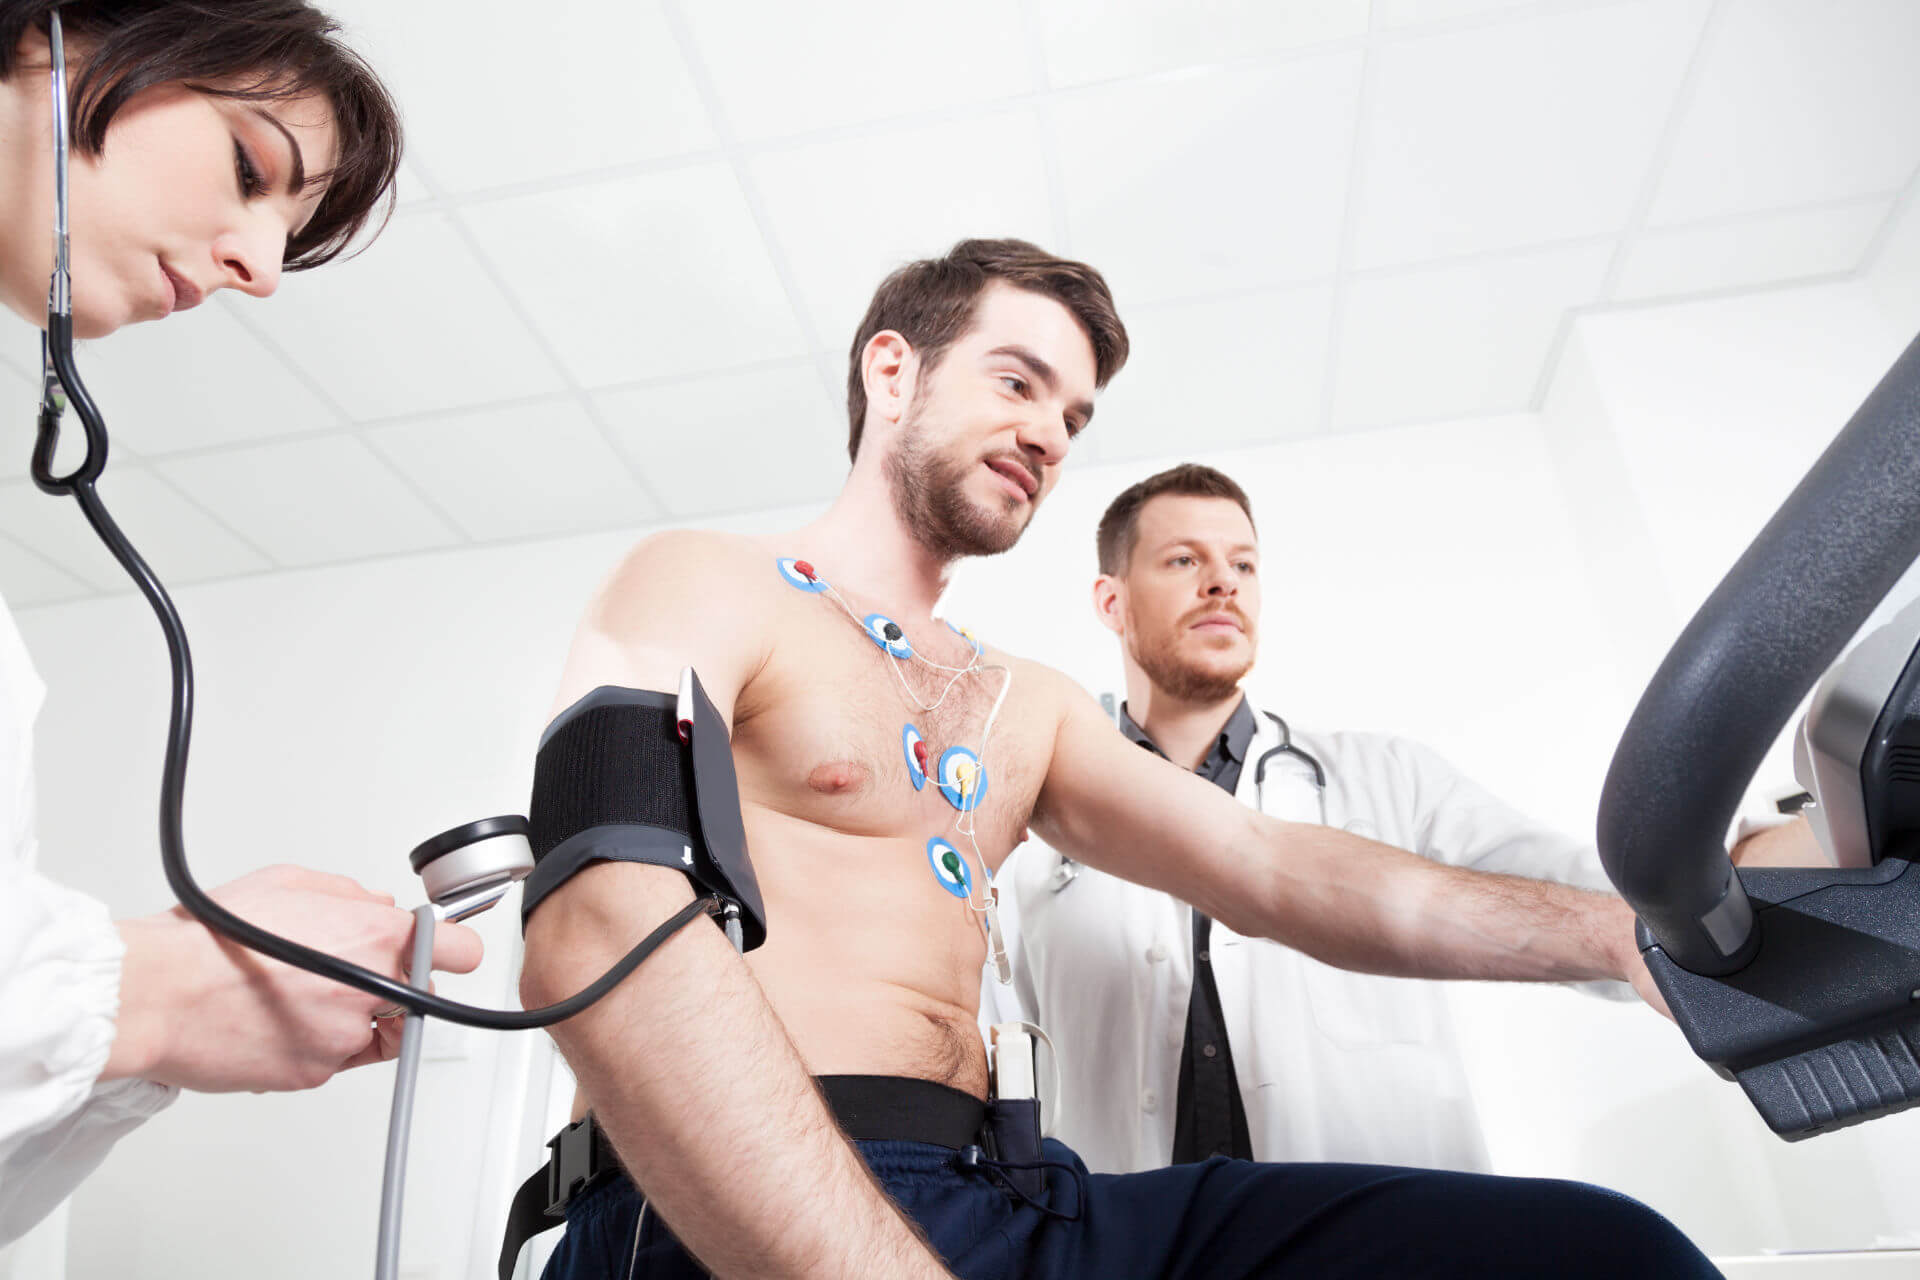 Sanecum policum kardiologie schulung und nachbehandlung